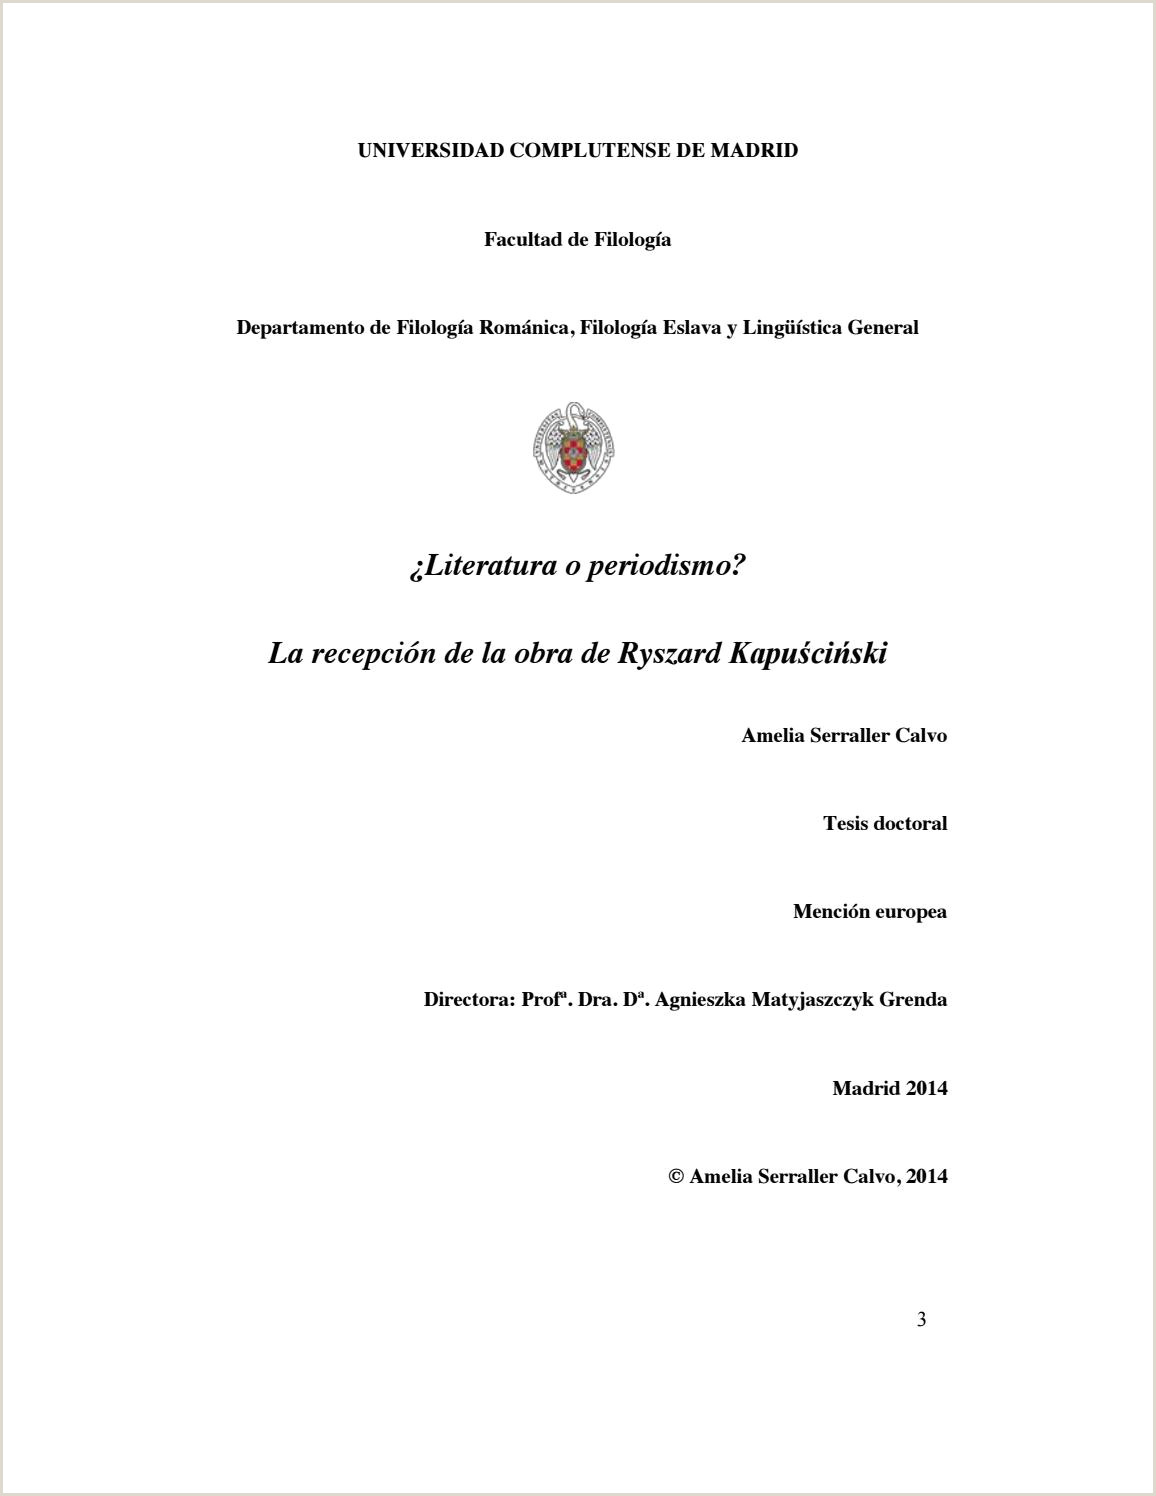 Descargar Hoja De Vida formato socio Empleo Literatura O Periodismo La Recepci³n De La Obra De Ryzard